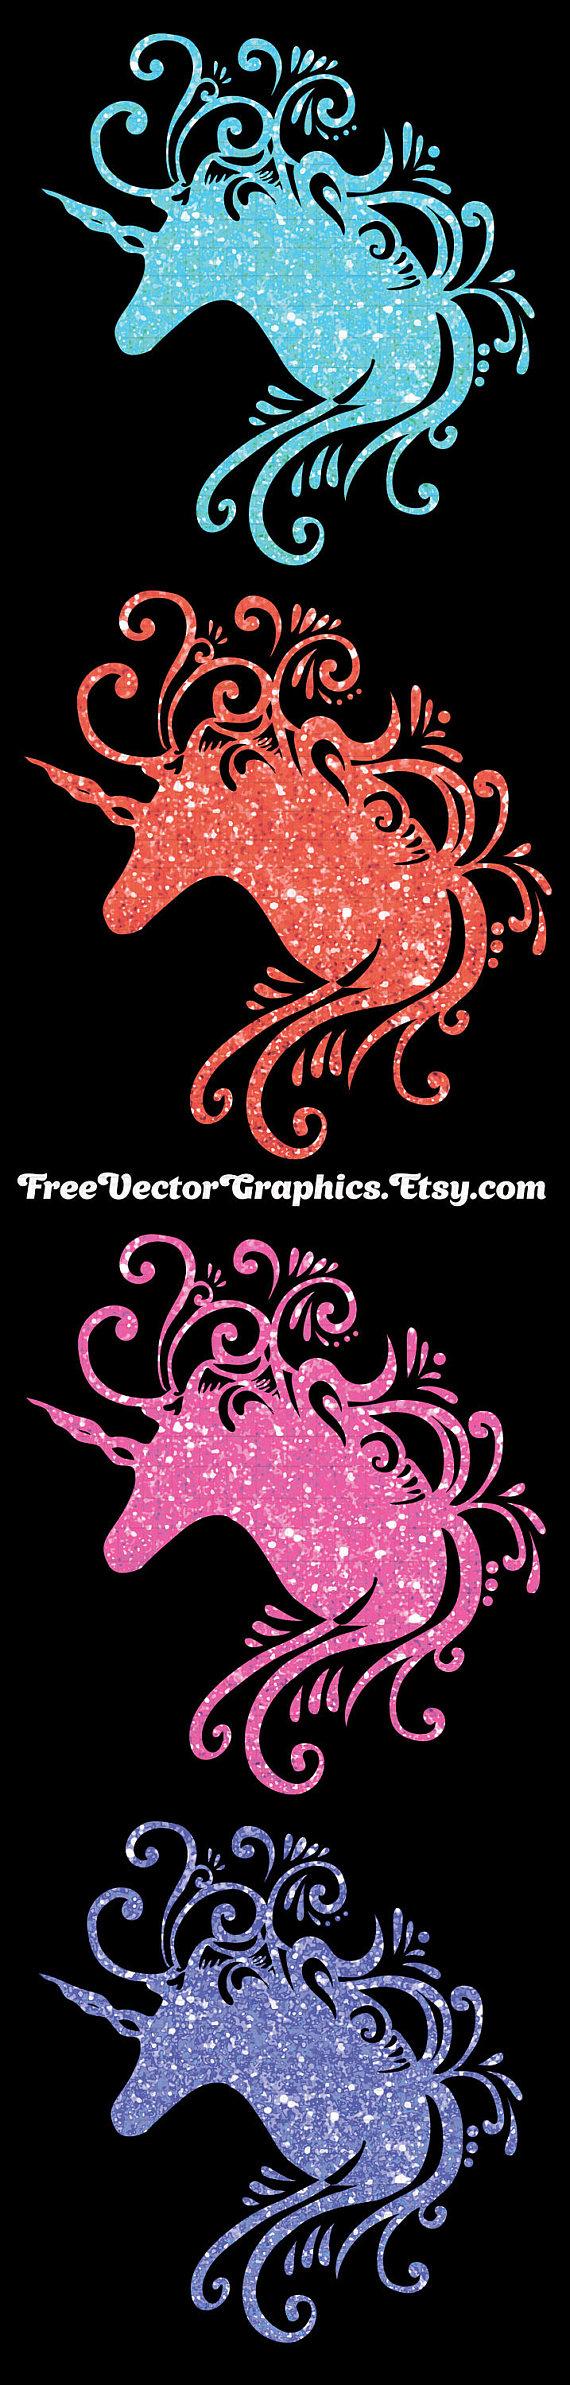 Funny Glitter unicorn clipart Glitter unicorn pictures